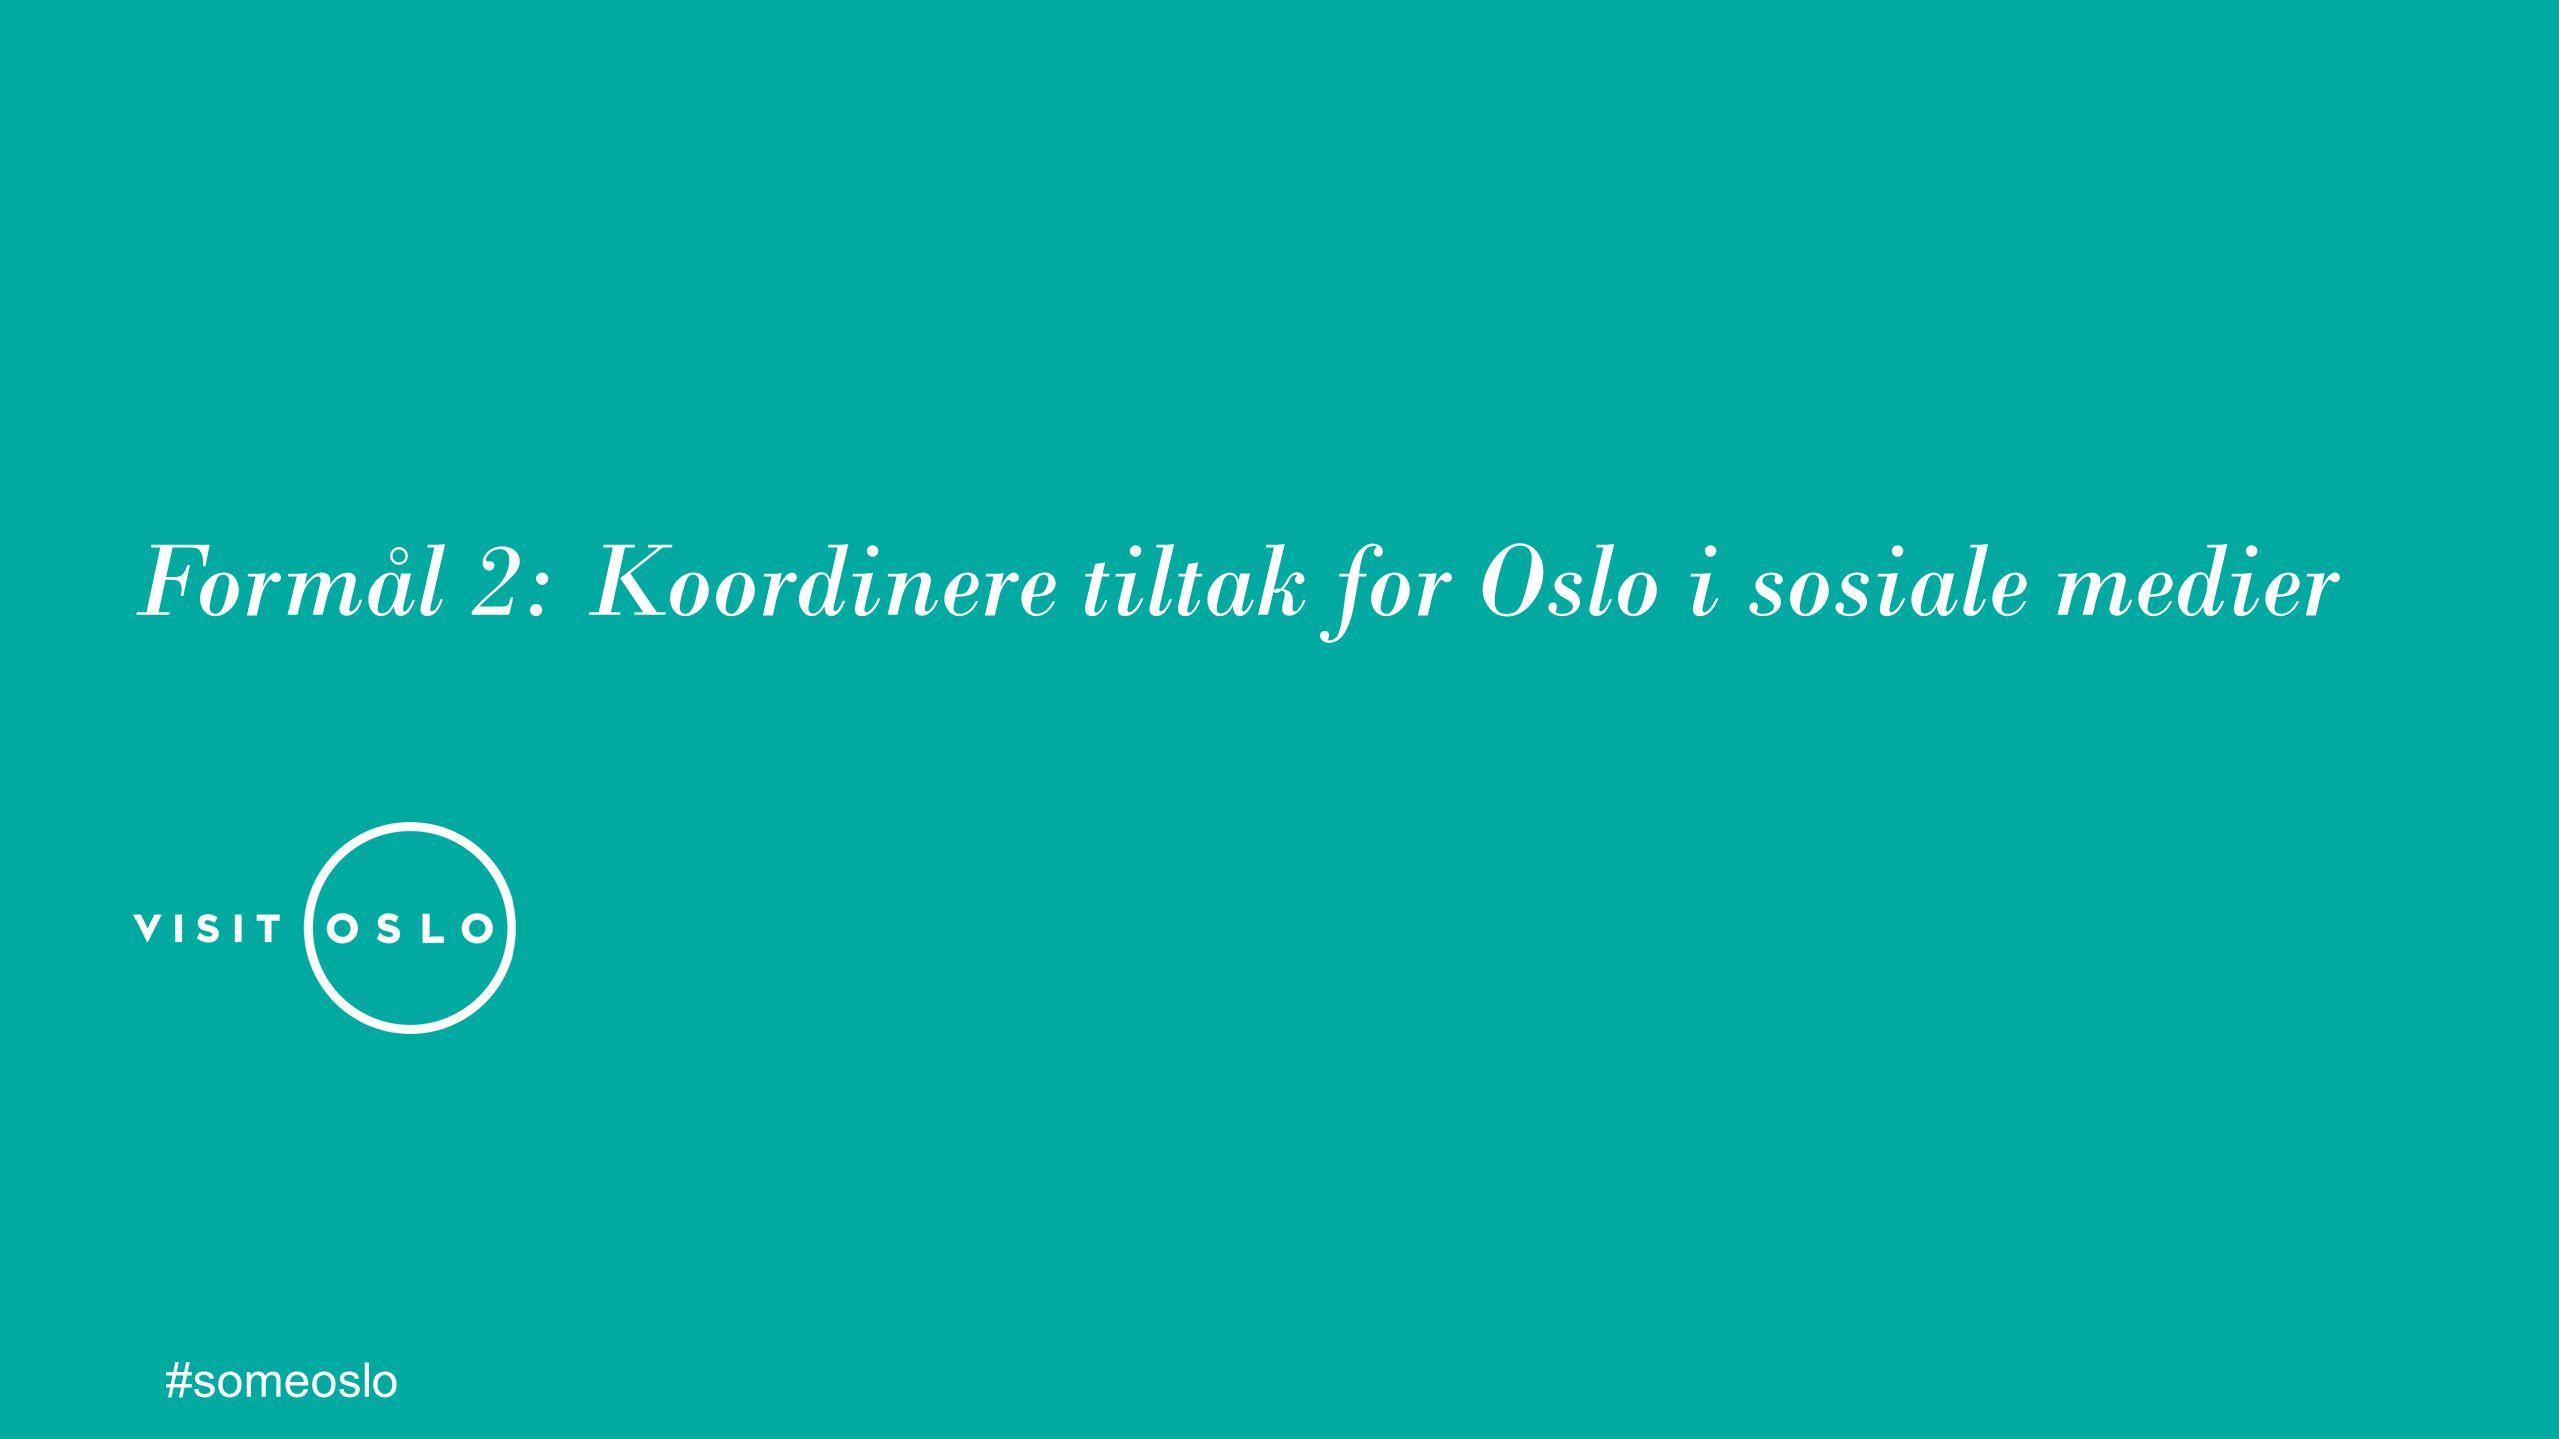 Formål 2: Koordinere tiltak for Oslo i sosiale medier #someoslo